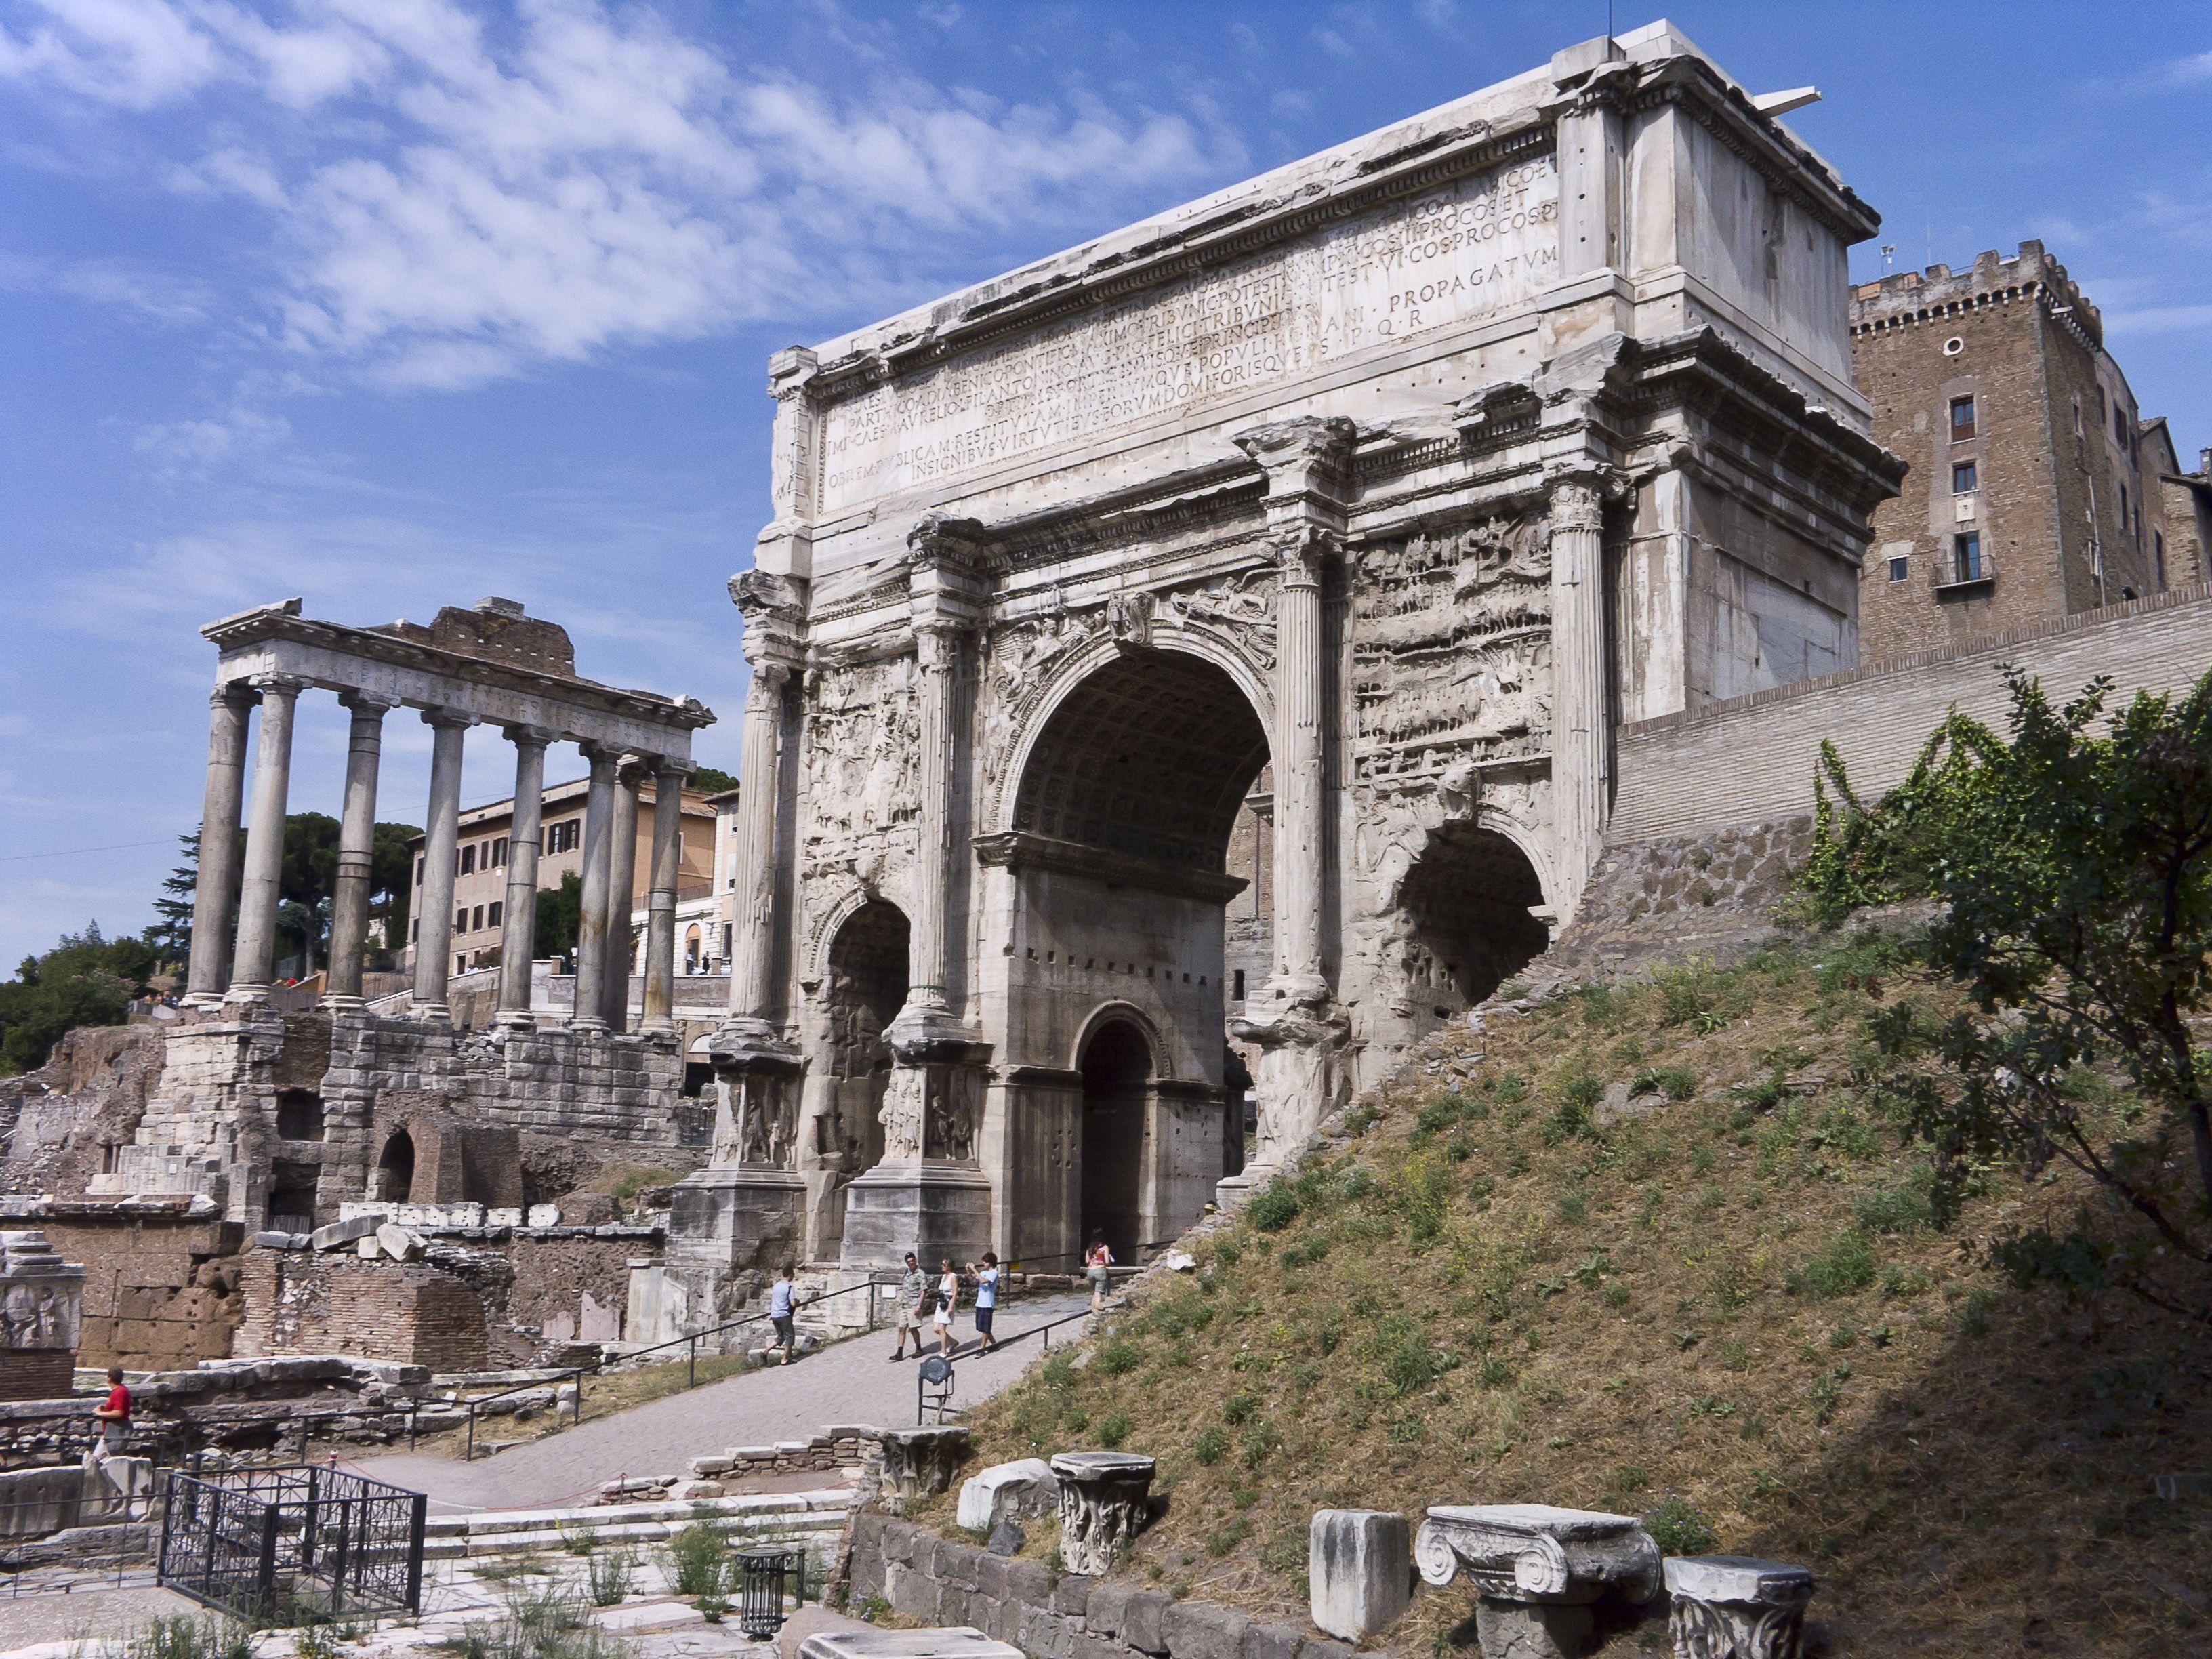 ARC DE TRIOMPHE DE SEPTIME SÉVÈRE Résultats Google Recherche d'images correspondant à http://upload.wikimedia.org/wikipedia/commons/3/38/Rome-ForumRomain-ArcheSeptime.jpg